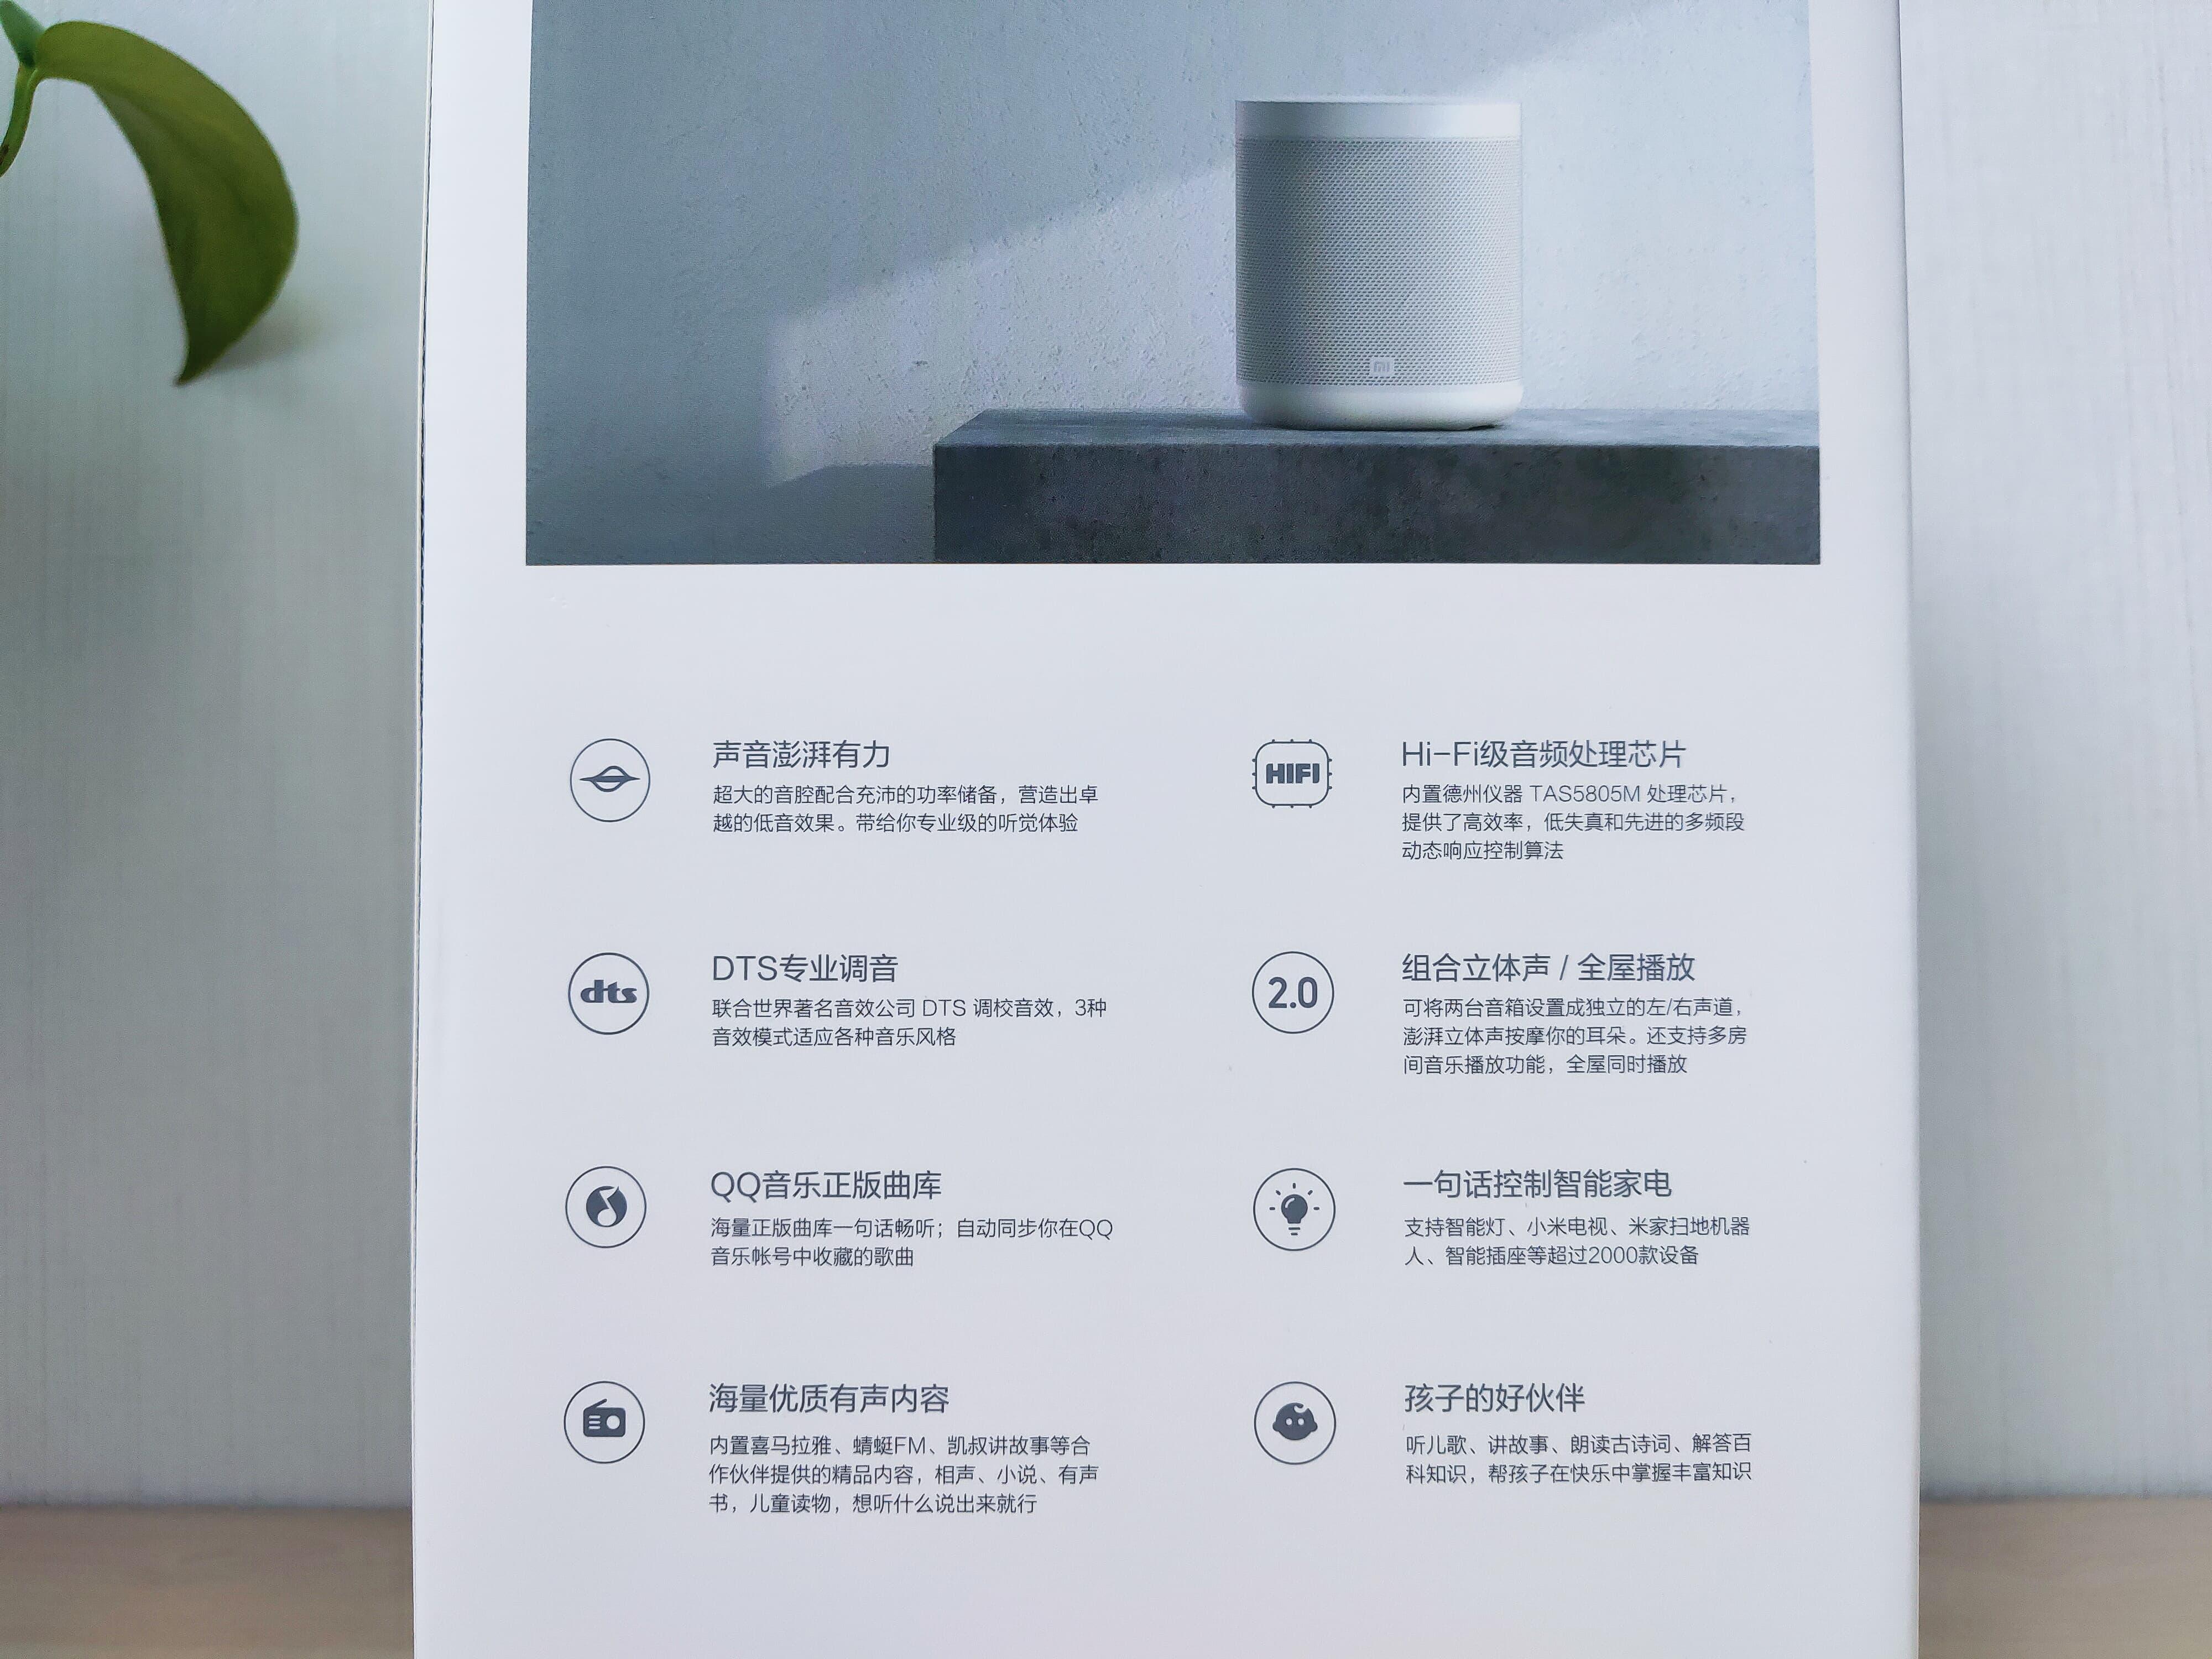 小爱音箱Art开箱体验:让技术兼备艺术